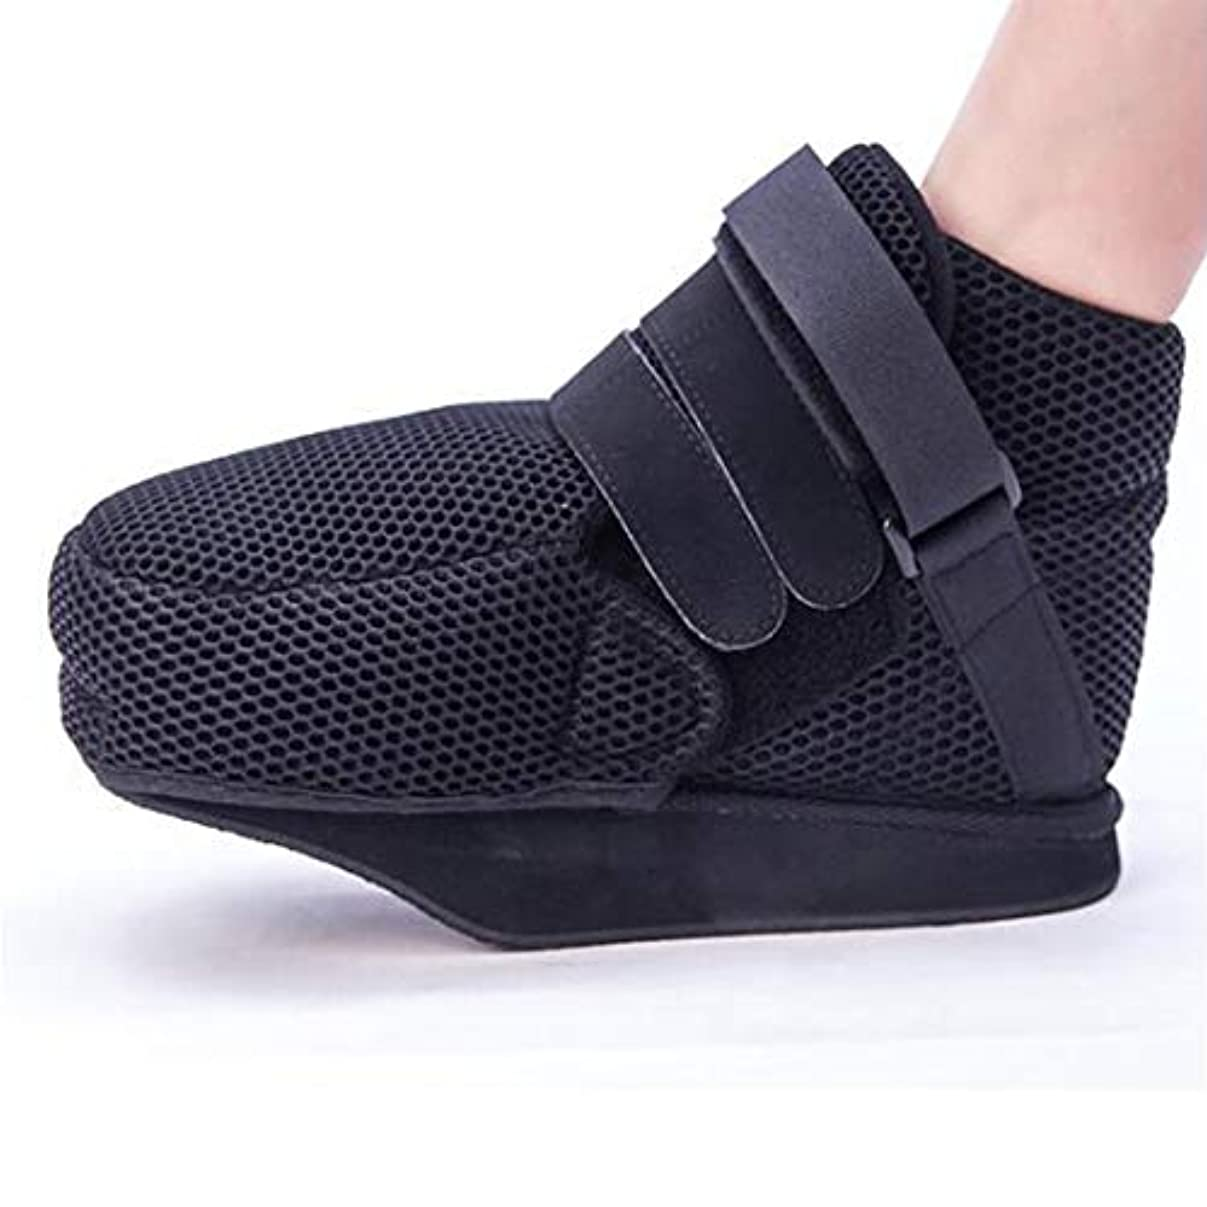 習熟度ラベル酸化する医療足骨折石膏の回復靴の手術後のつま先の靴を安定化骨折の靴を調整可能なファスナーで完全なカバー,S24cm